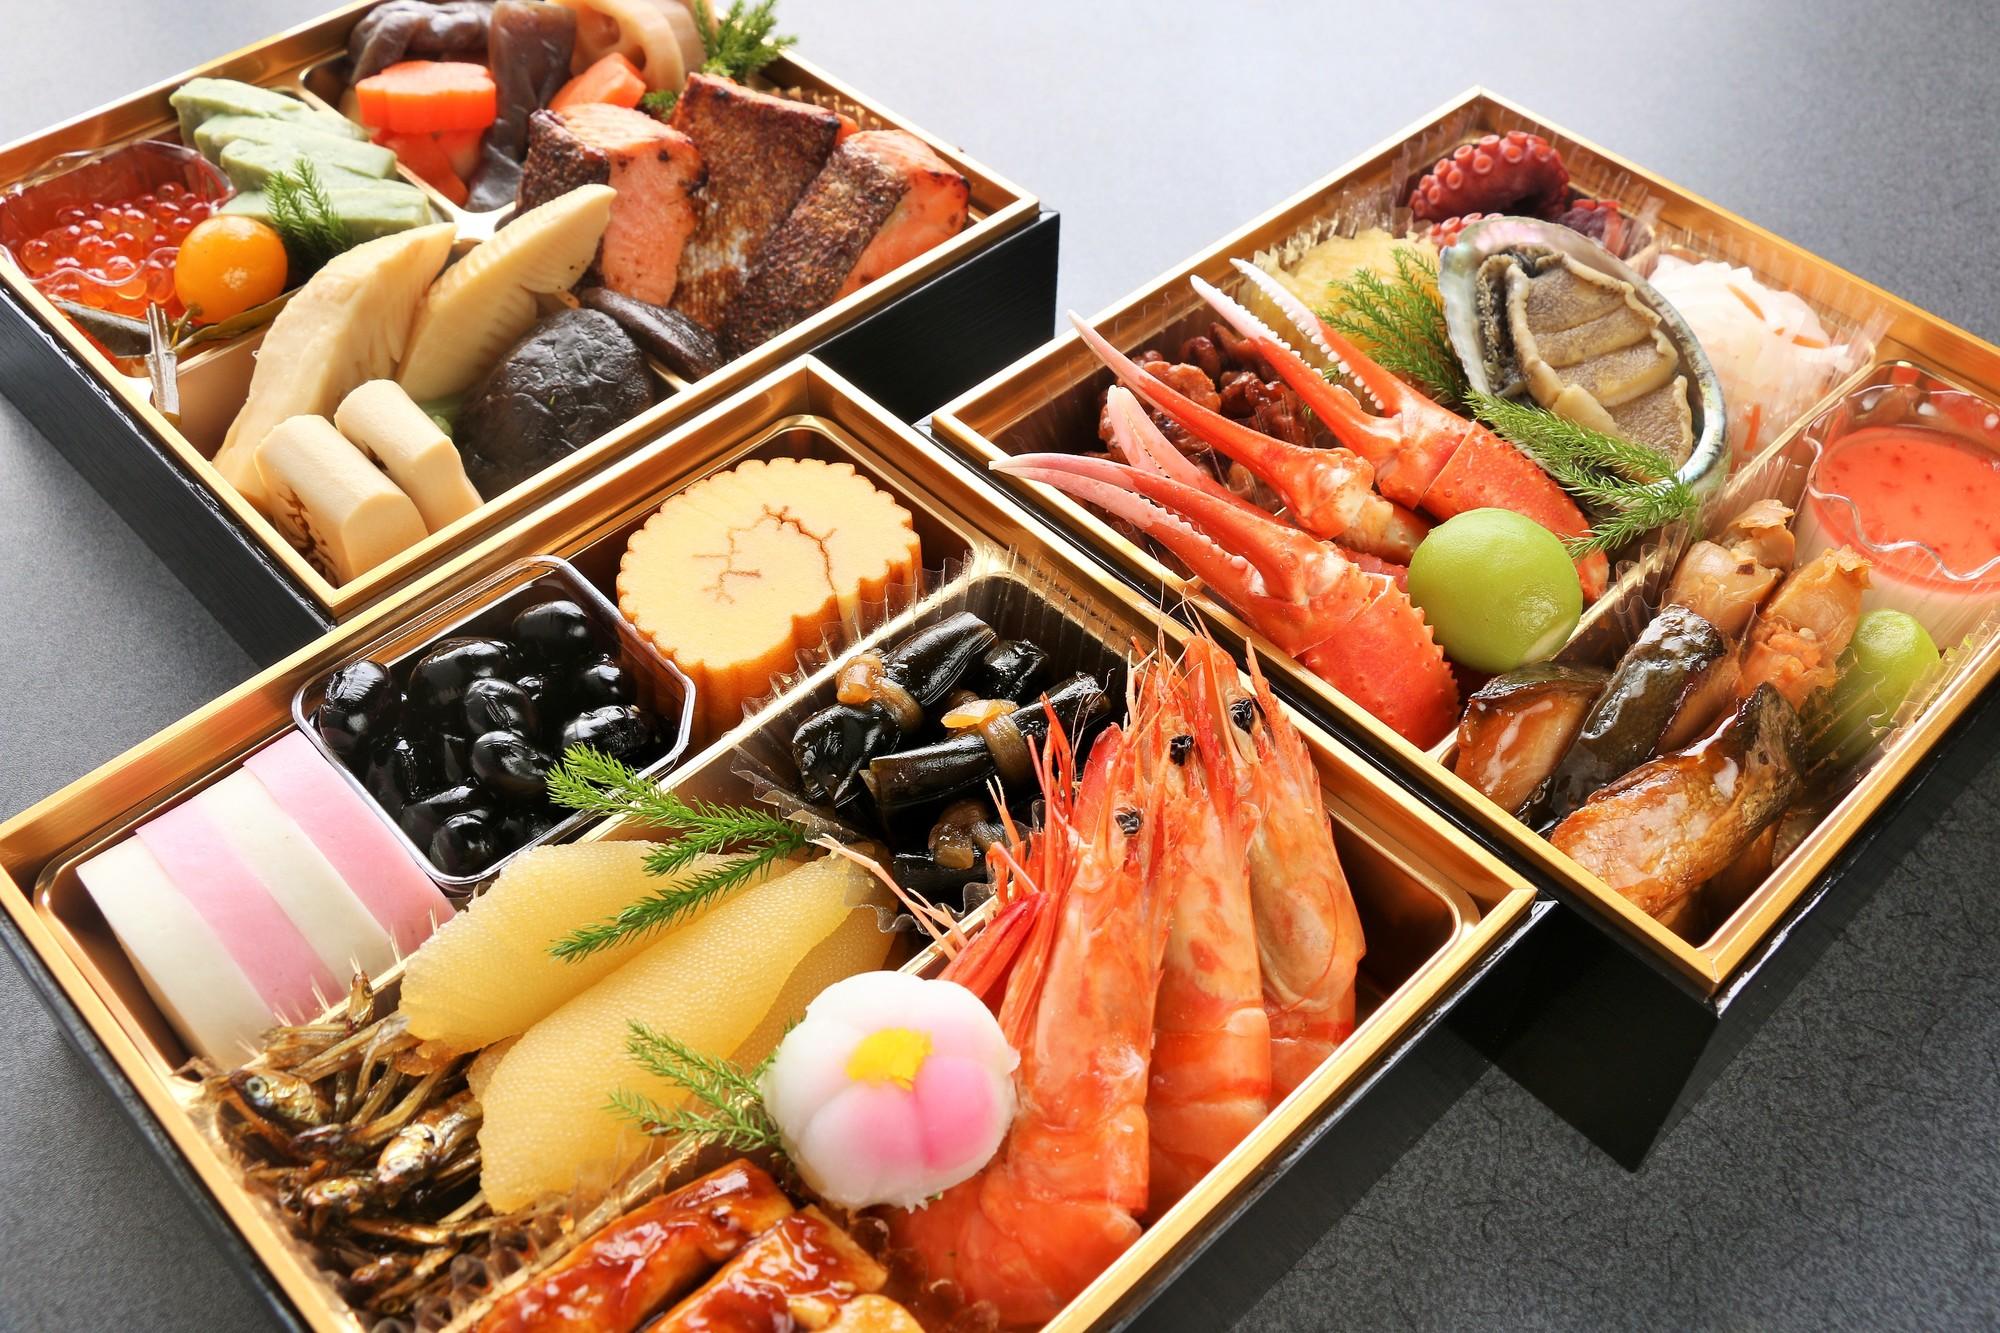 ふるさと納税のおせち特集2019【さとふる編】有名店や老舗の ...